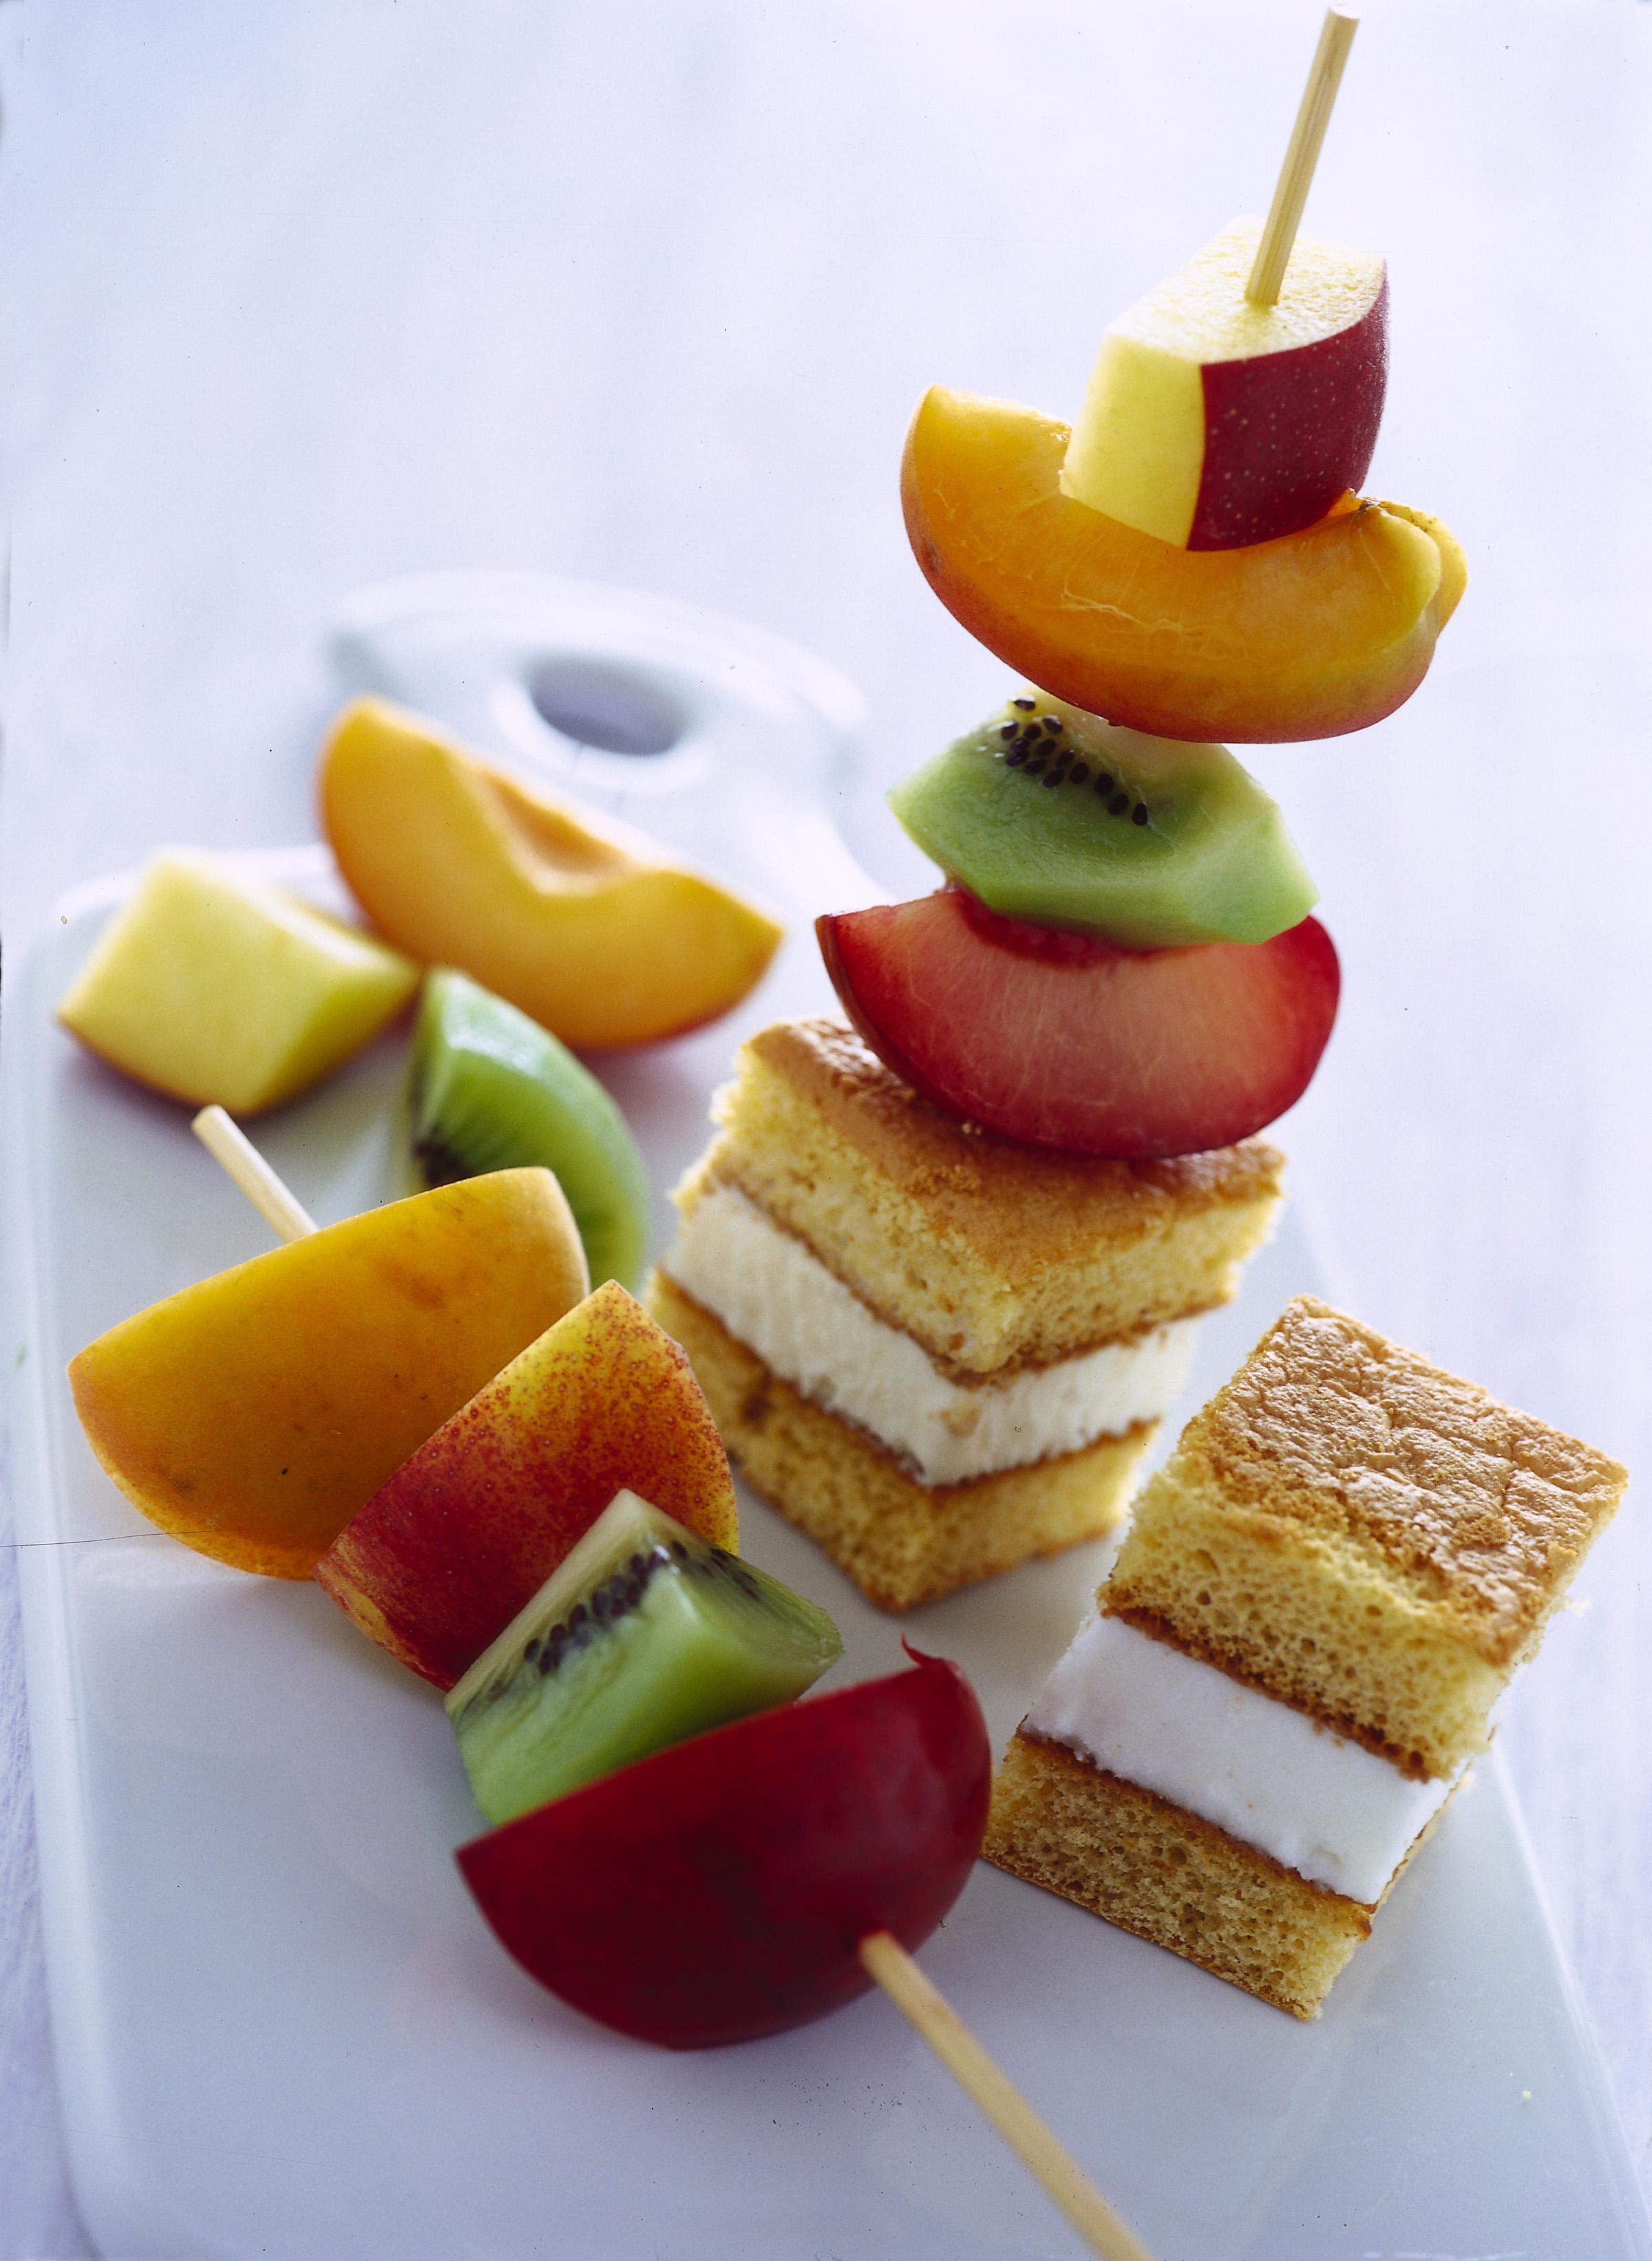 Composizioni Facili Di Frutta composizioni di frutta fresca semplici – ardusat